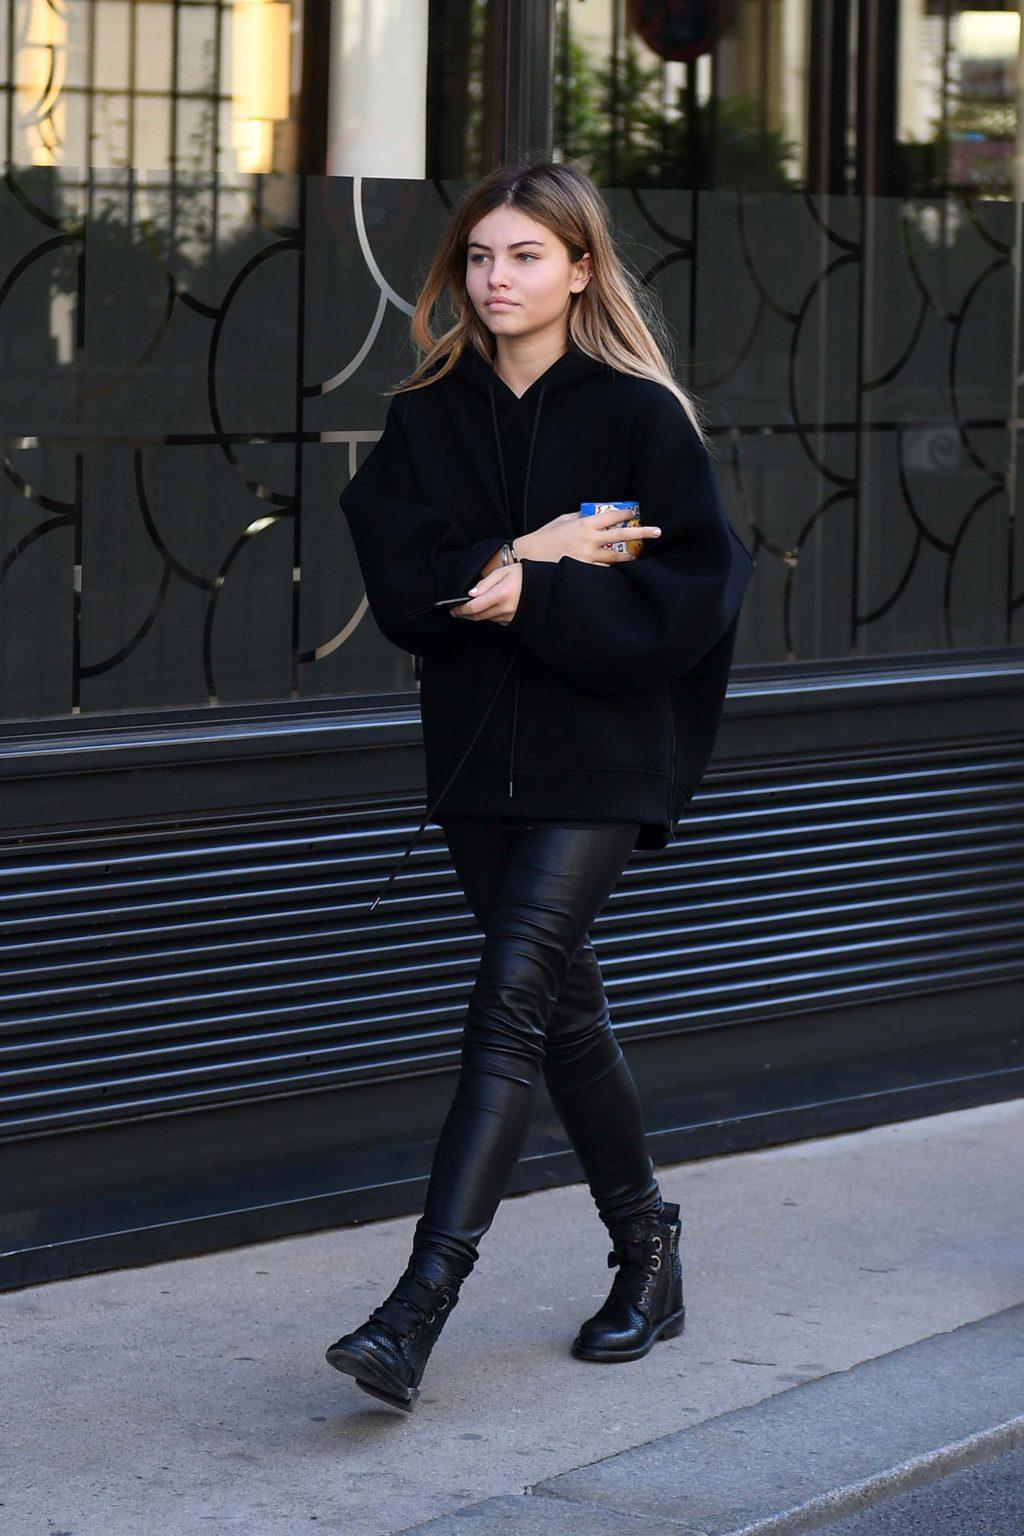 phong cách thời trang cá tính của người mẫu Thylane Blondeau 10